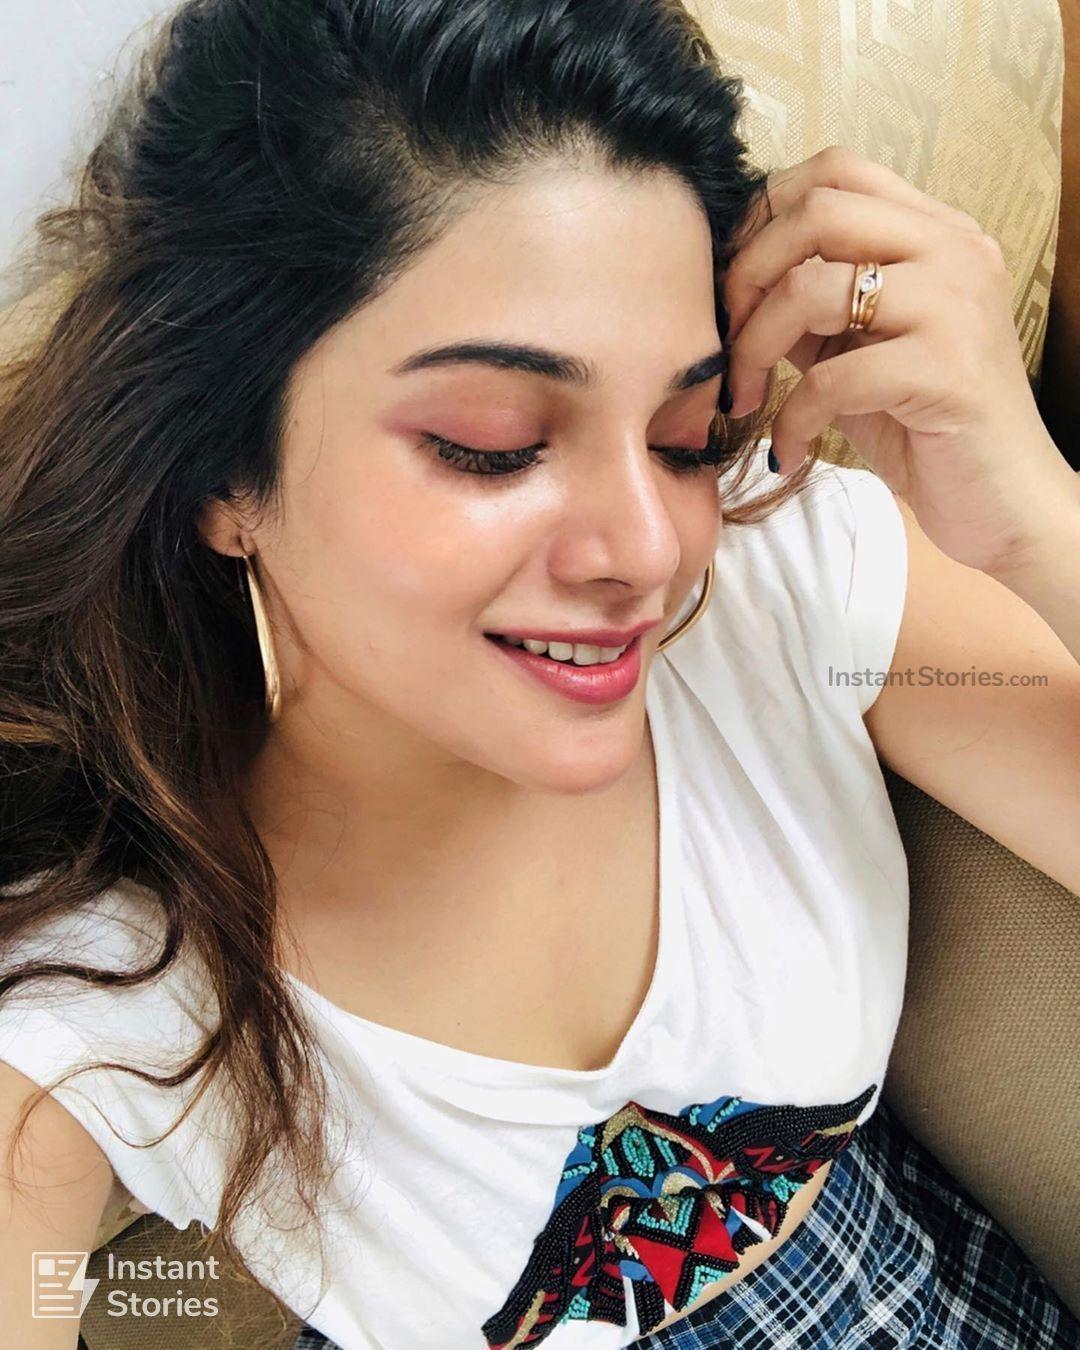 Aathmika Beautiful Hd Photos Mobile Wallpapers Hd Android Iphone 1080p 8 Hollywood Actress Photos Beautiful Indian Actress Most Beautiful Indian Actress